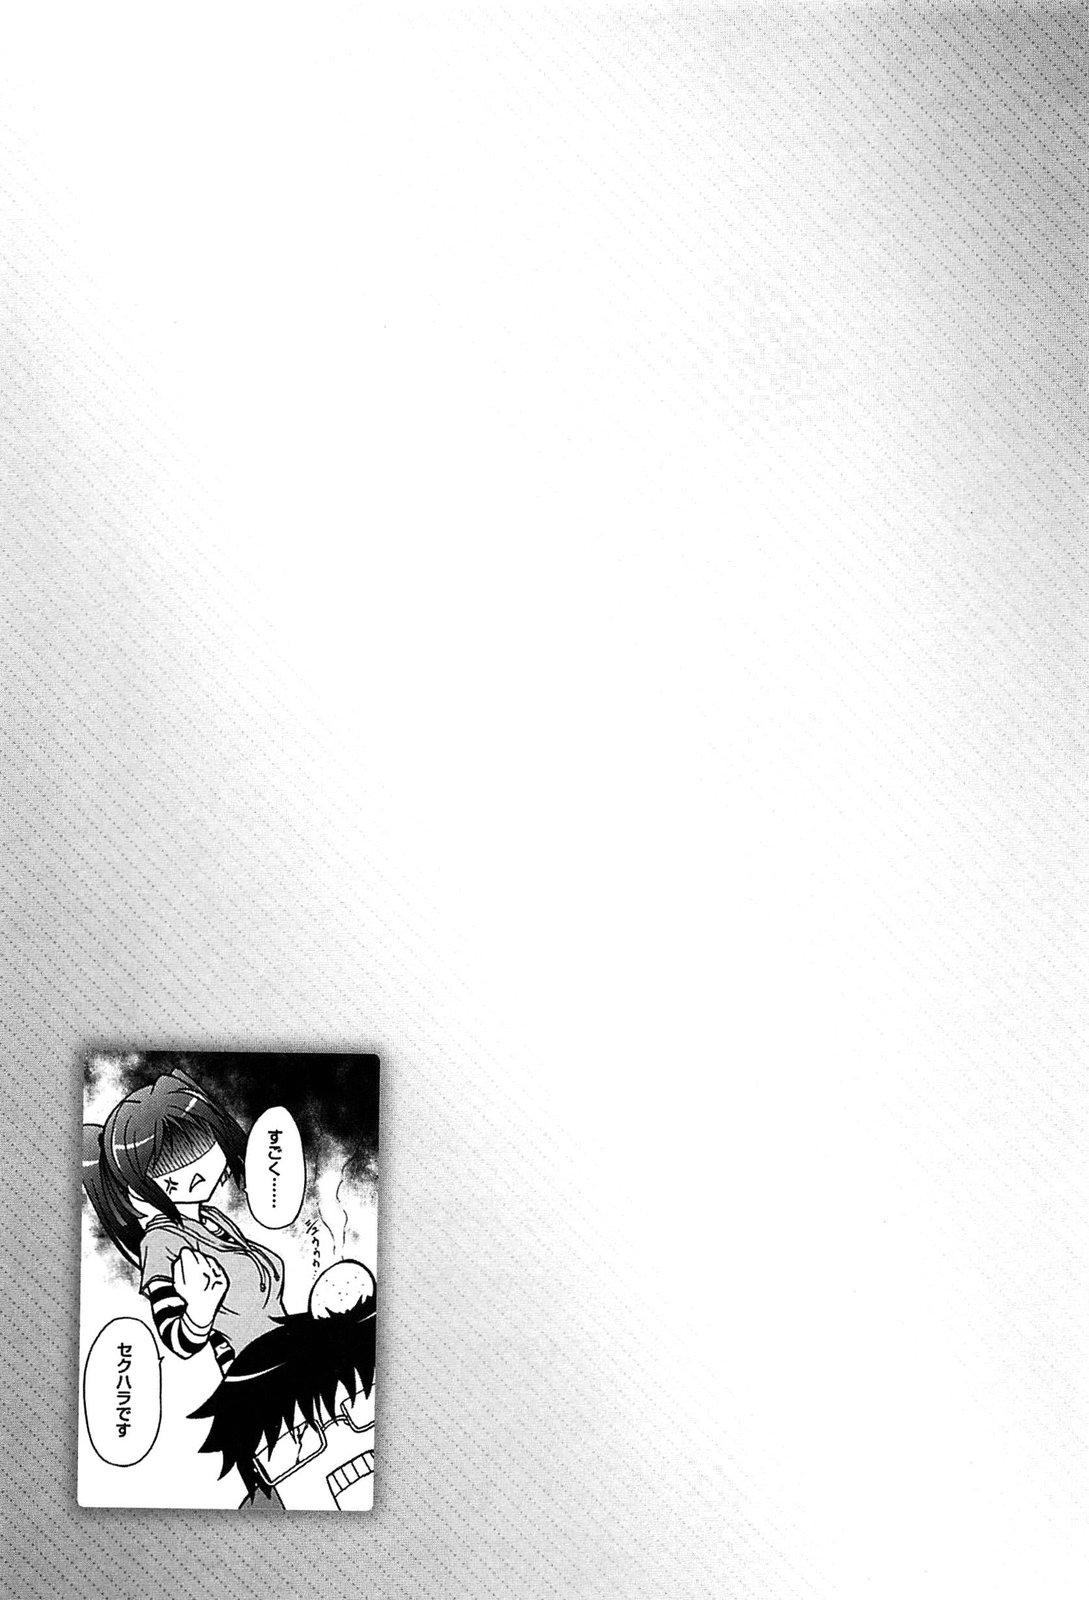 Eroge o Tsukurou! Genteiban - Let's develop the adult game together 102